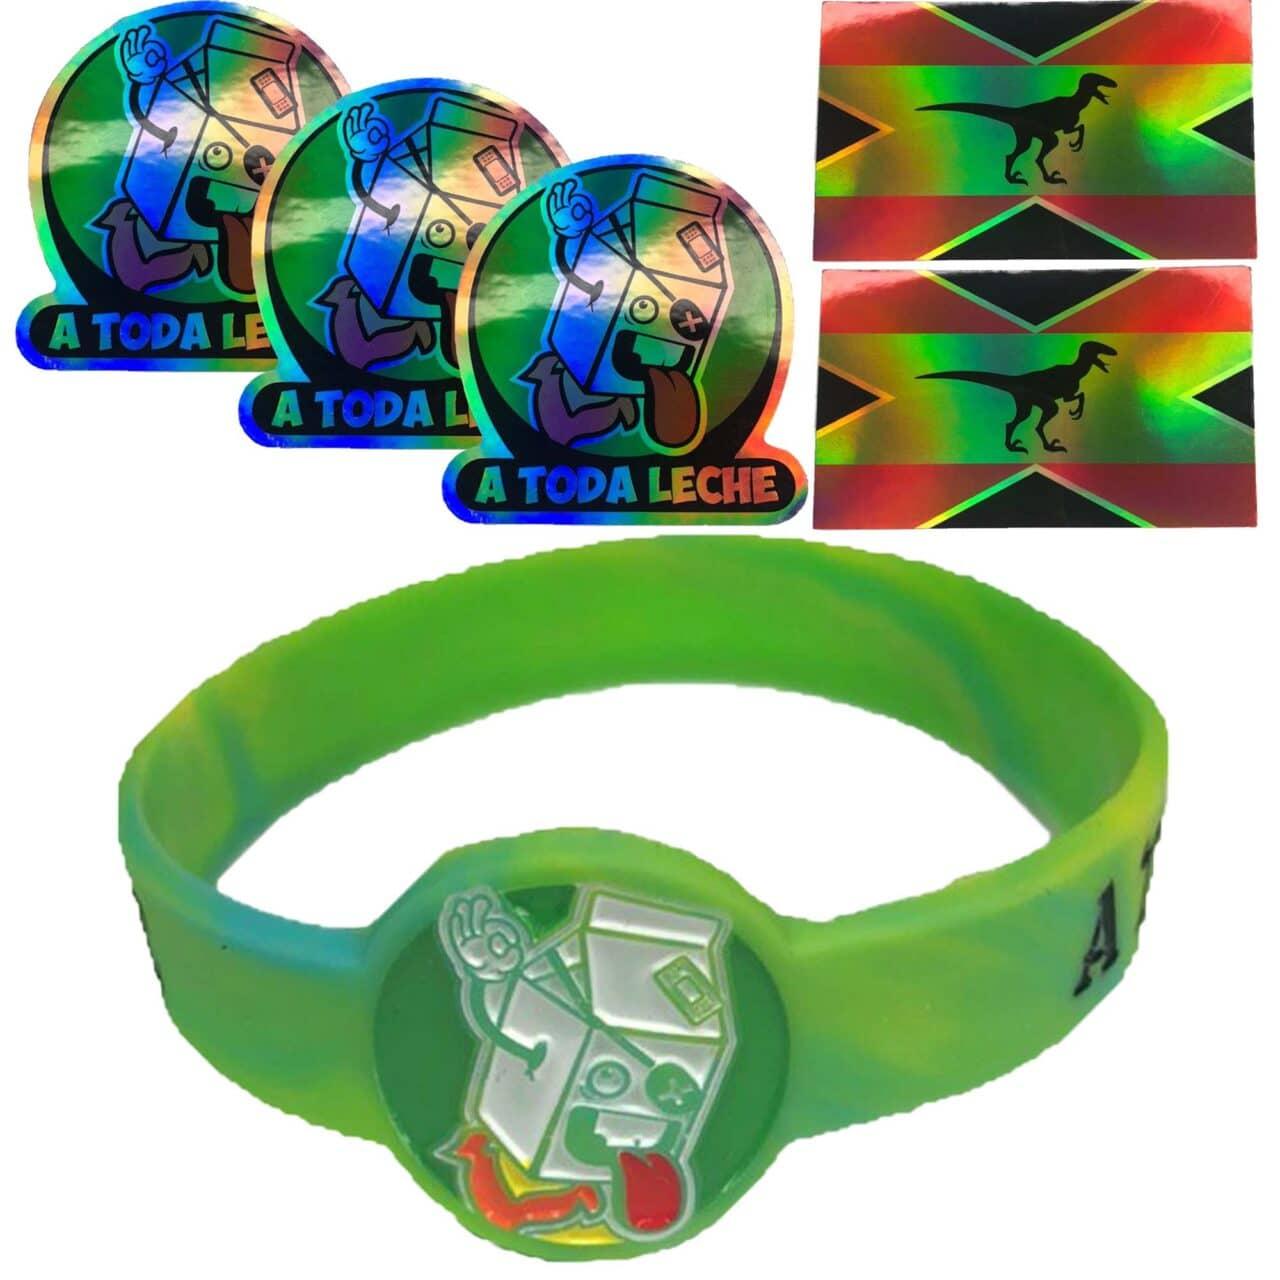 Pack de 5 Pegatinas ( 3 Logo + 2 Bandera) y Pulsera Verde